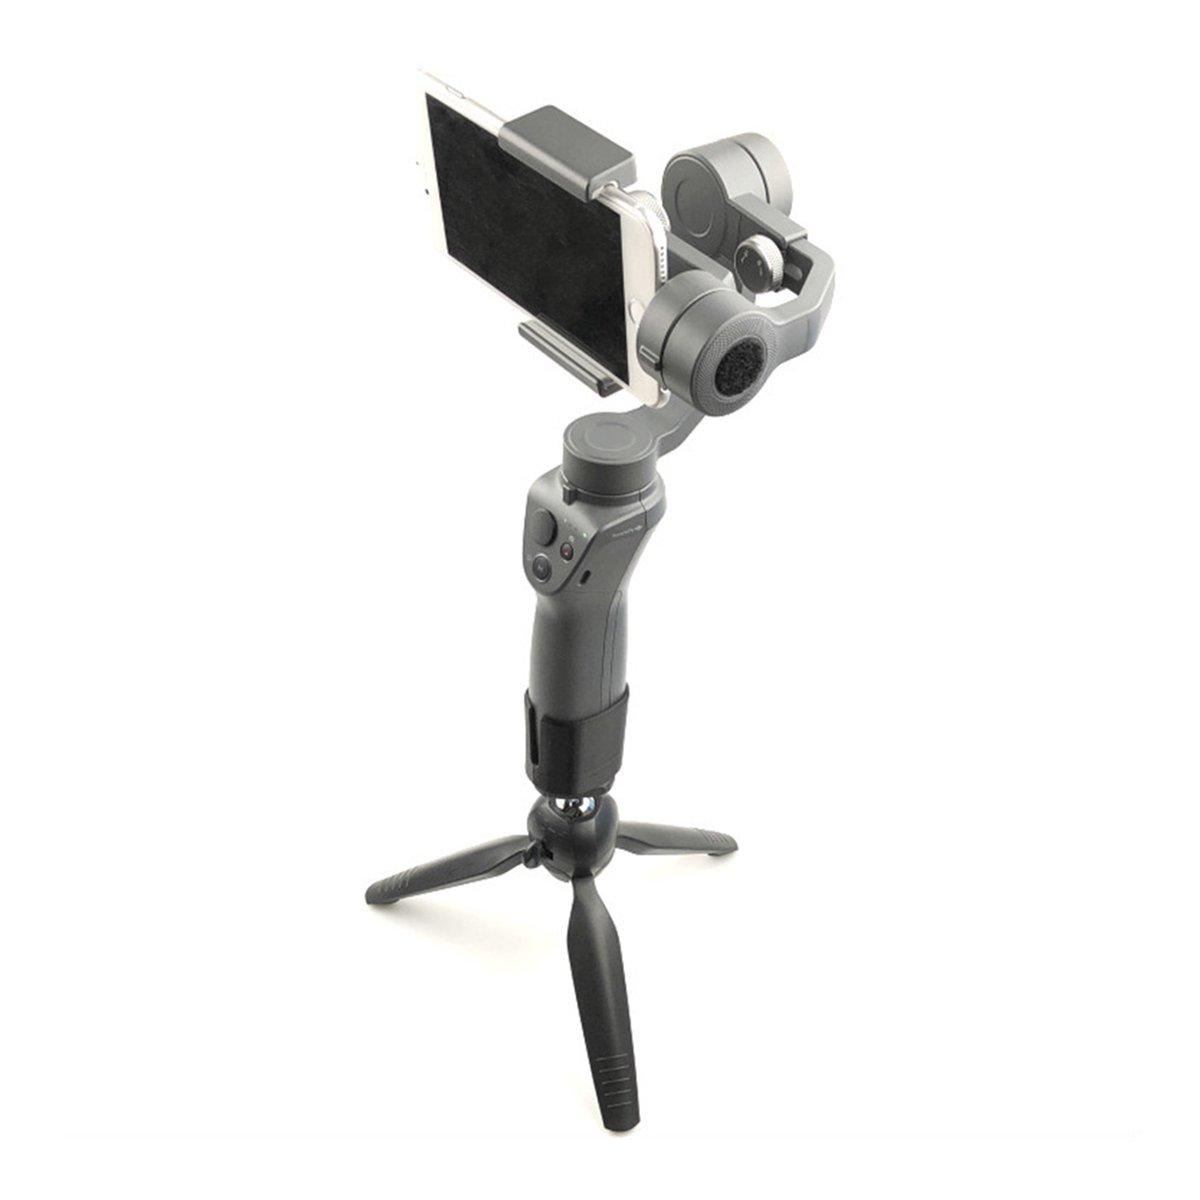 Darkhorse Portable Mini Tripod Stabilizer Mount Stand for DJI OSMO Mobile 2